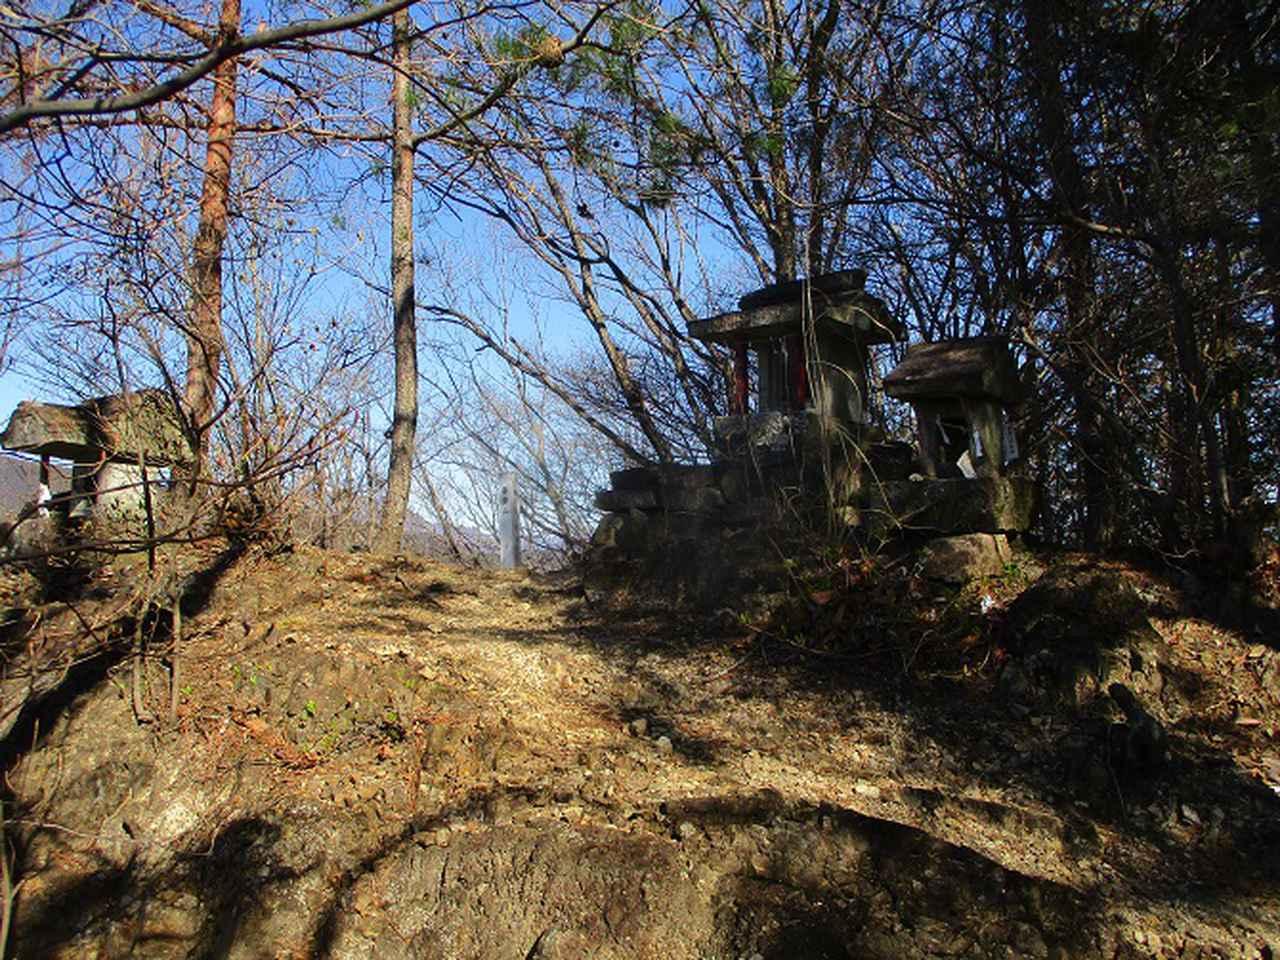 画像3: 4月の山旅会 神成山 の下見に行ってきました!